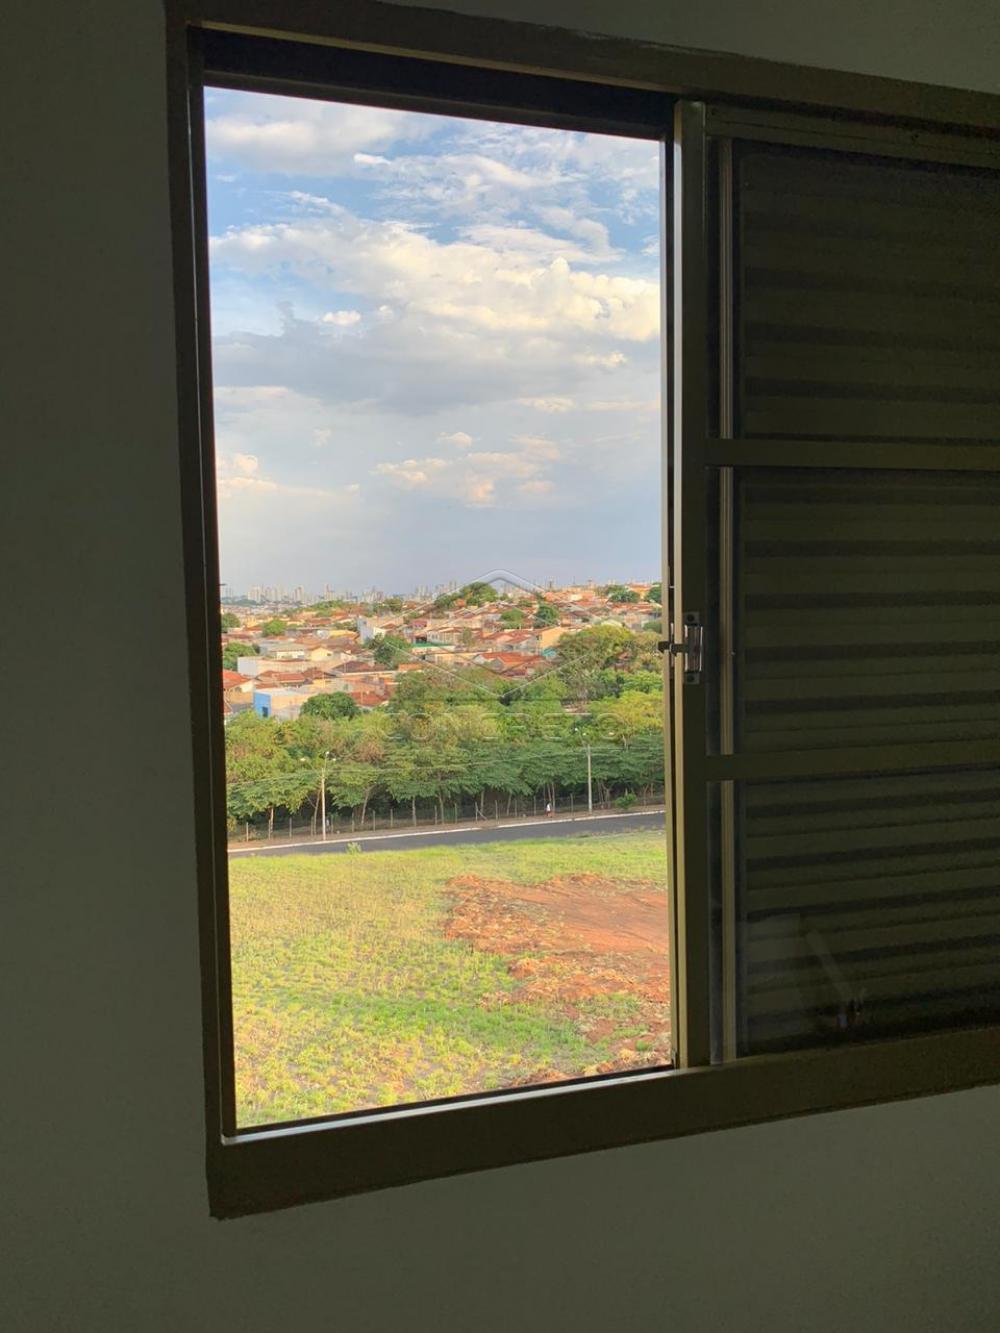 Comprar Apartamento / Padrão em Bauru apenas R$ 175.000,00 - Foto 2